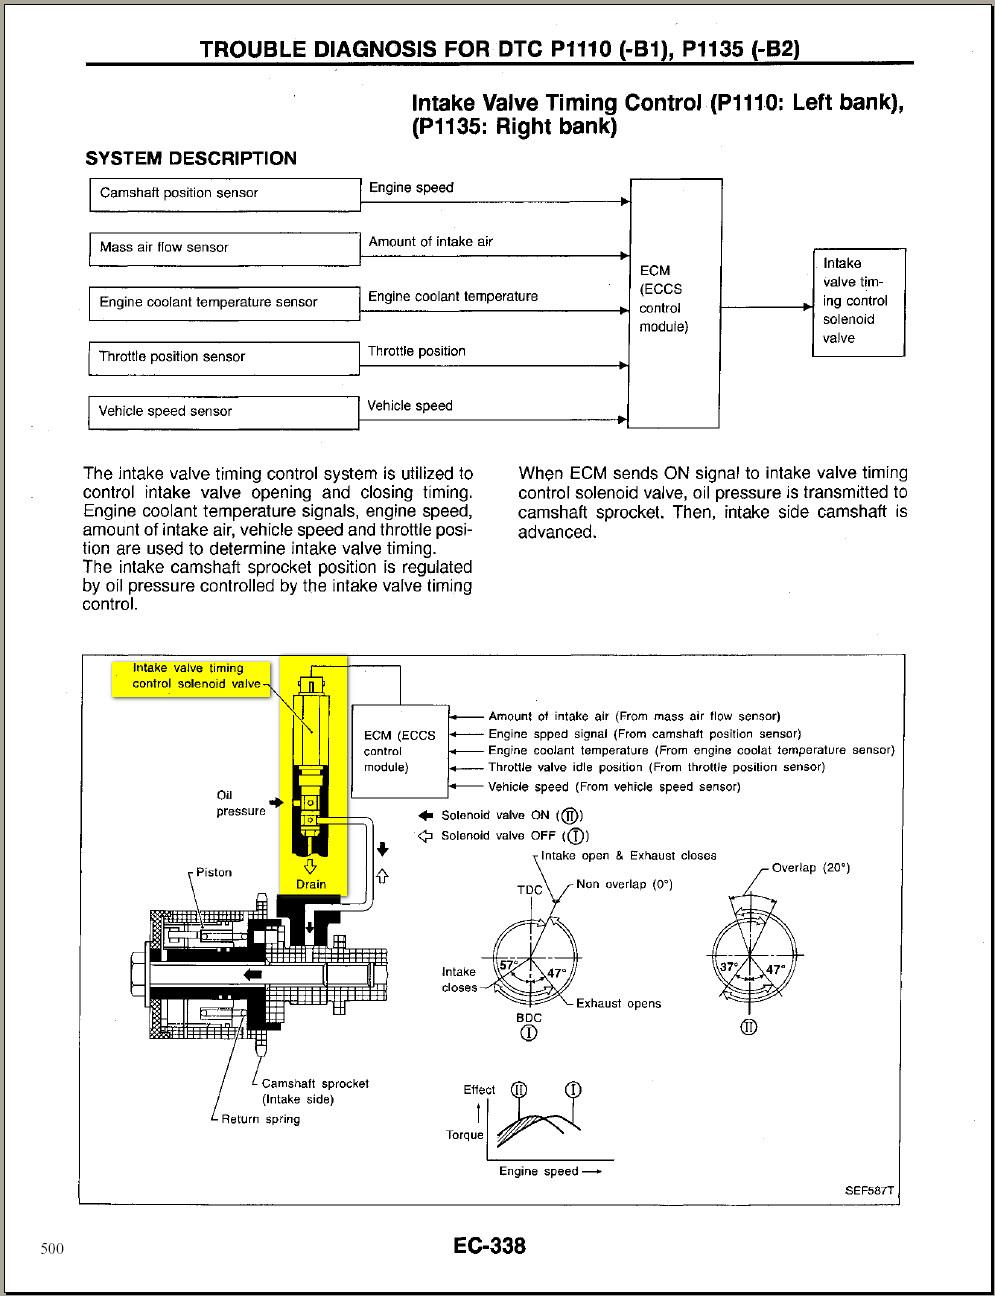 Система изменения геометрии впускного коллектора система изменения геометрии впускного коллектора является одной из востребованных технологий повышения мощности двигателя, экономии топлива, снижения токсичности отработавших газов